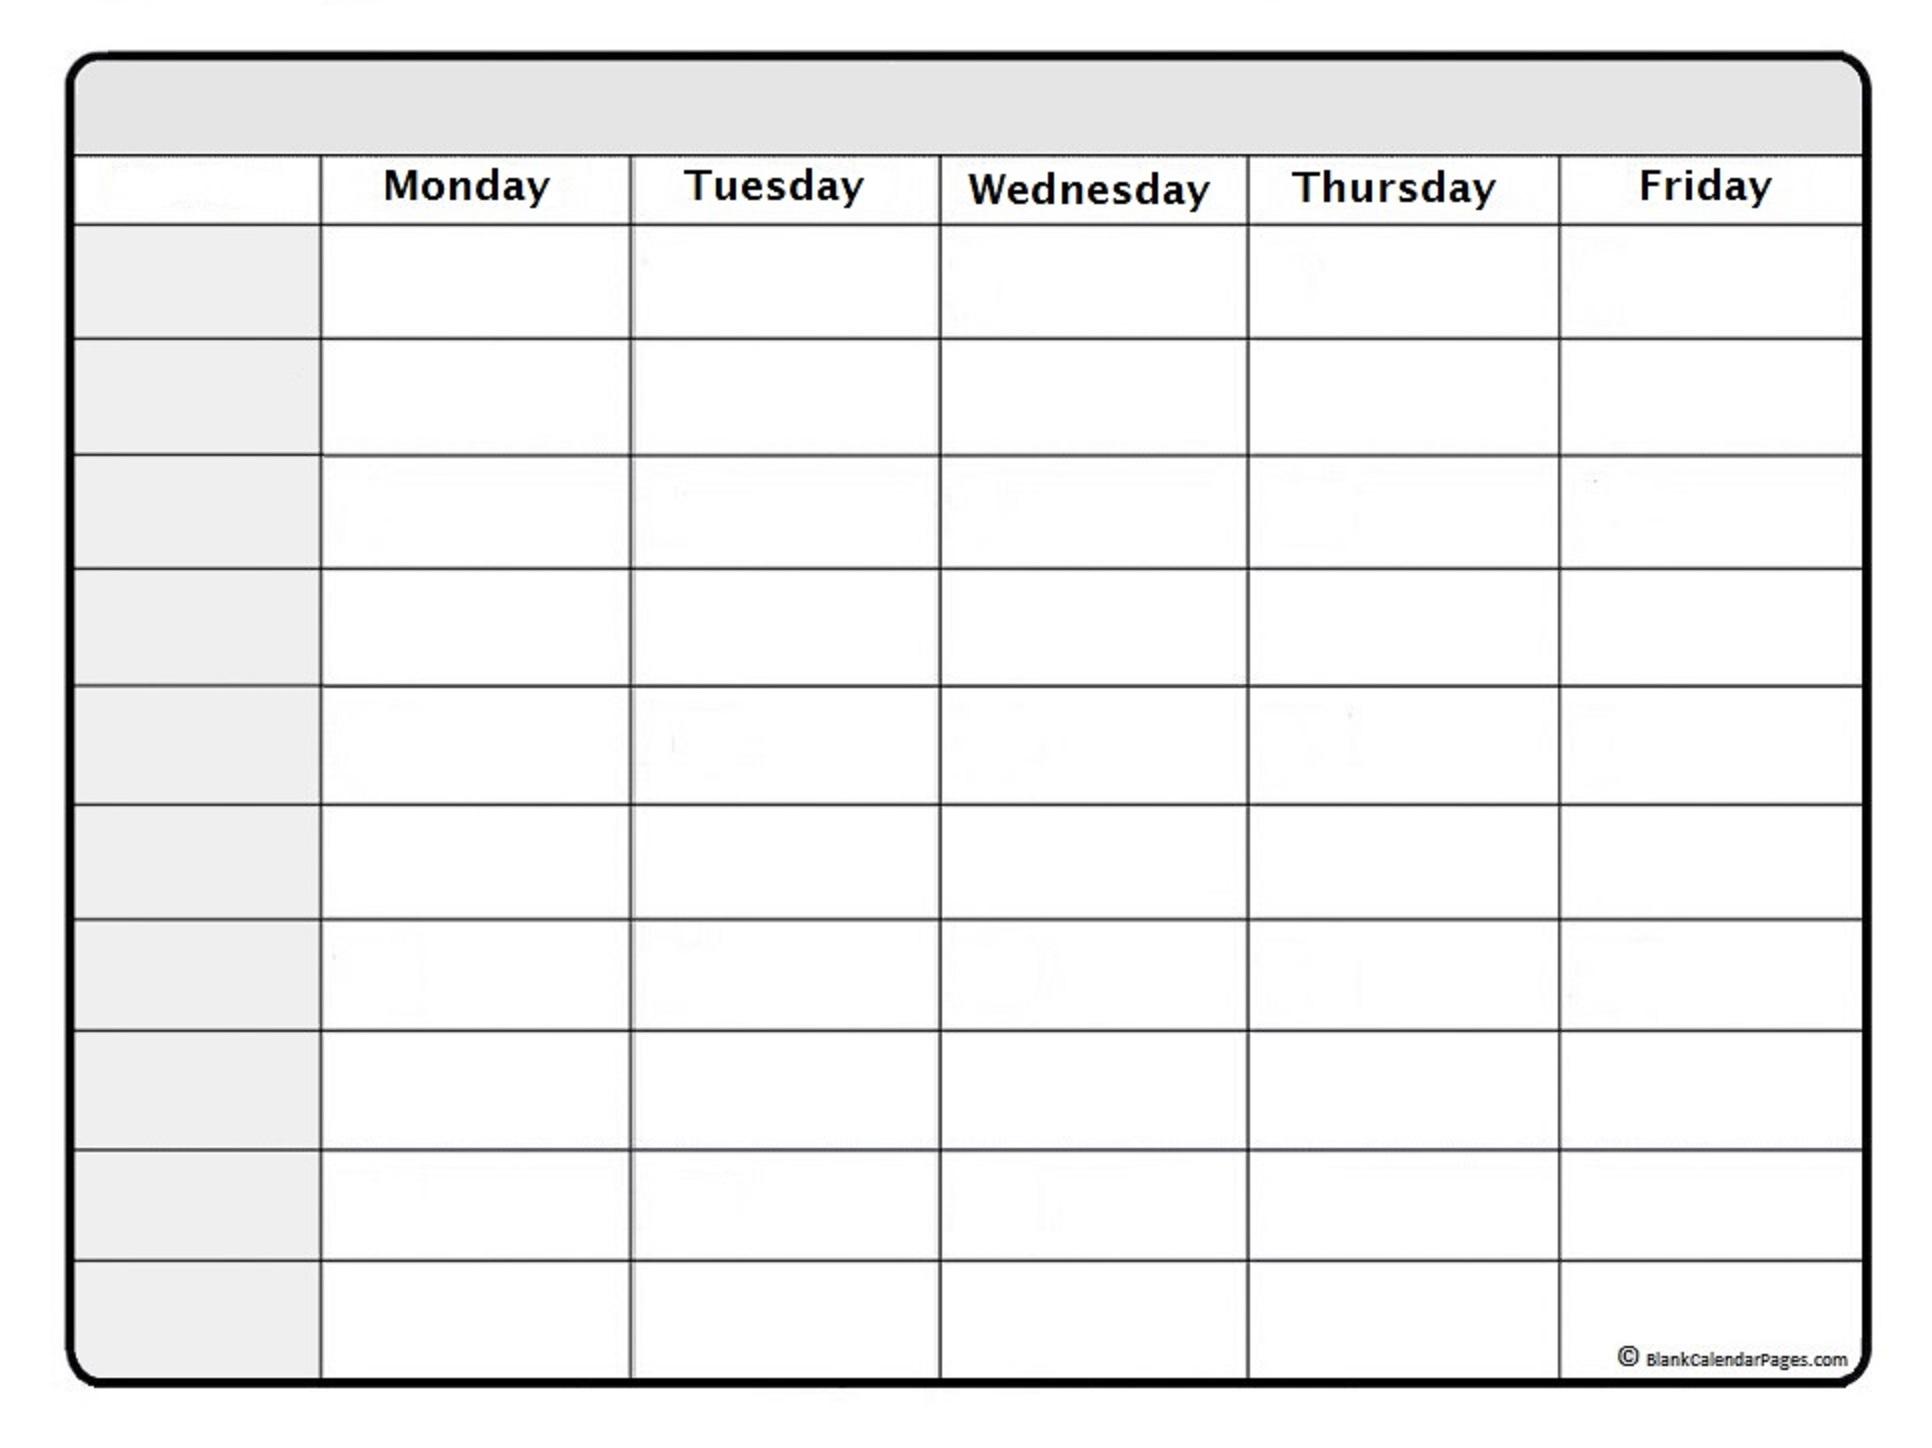 Schedule Template Blank Weekly Ntable Week Calendar | Smorad pertaining to 6 Week Blank Schedule Template